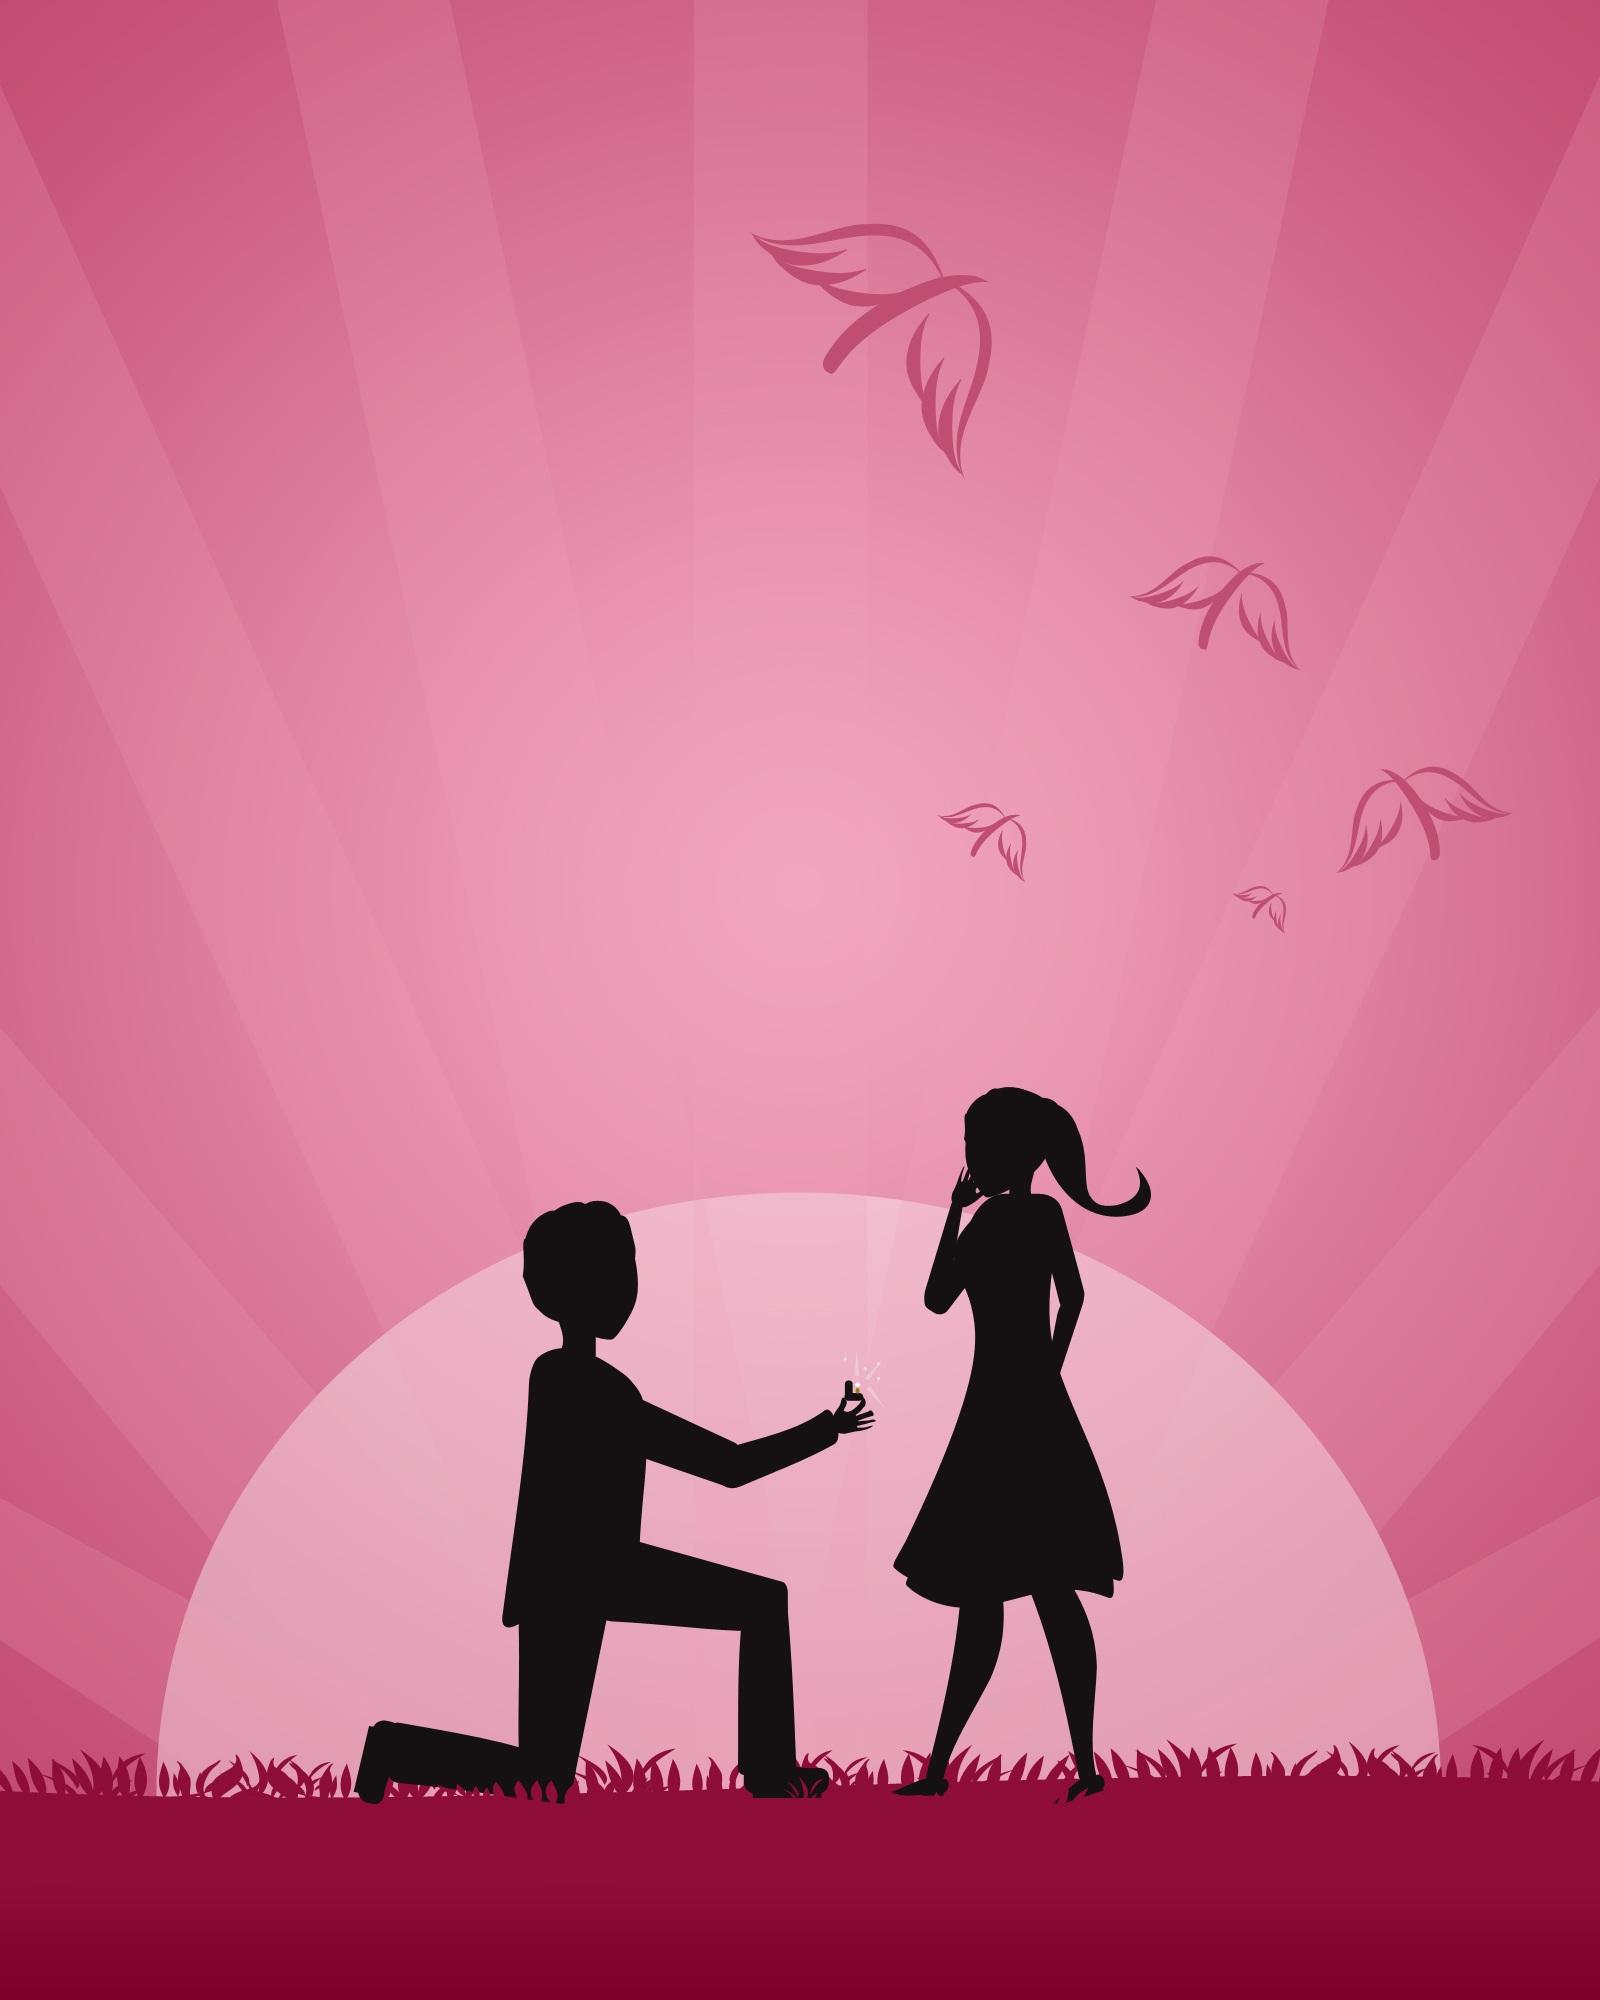 Открытки с юмором сделать предложение руки и сердца любимой, днем рождения